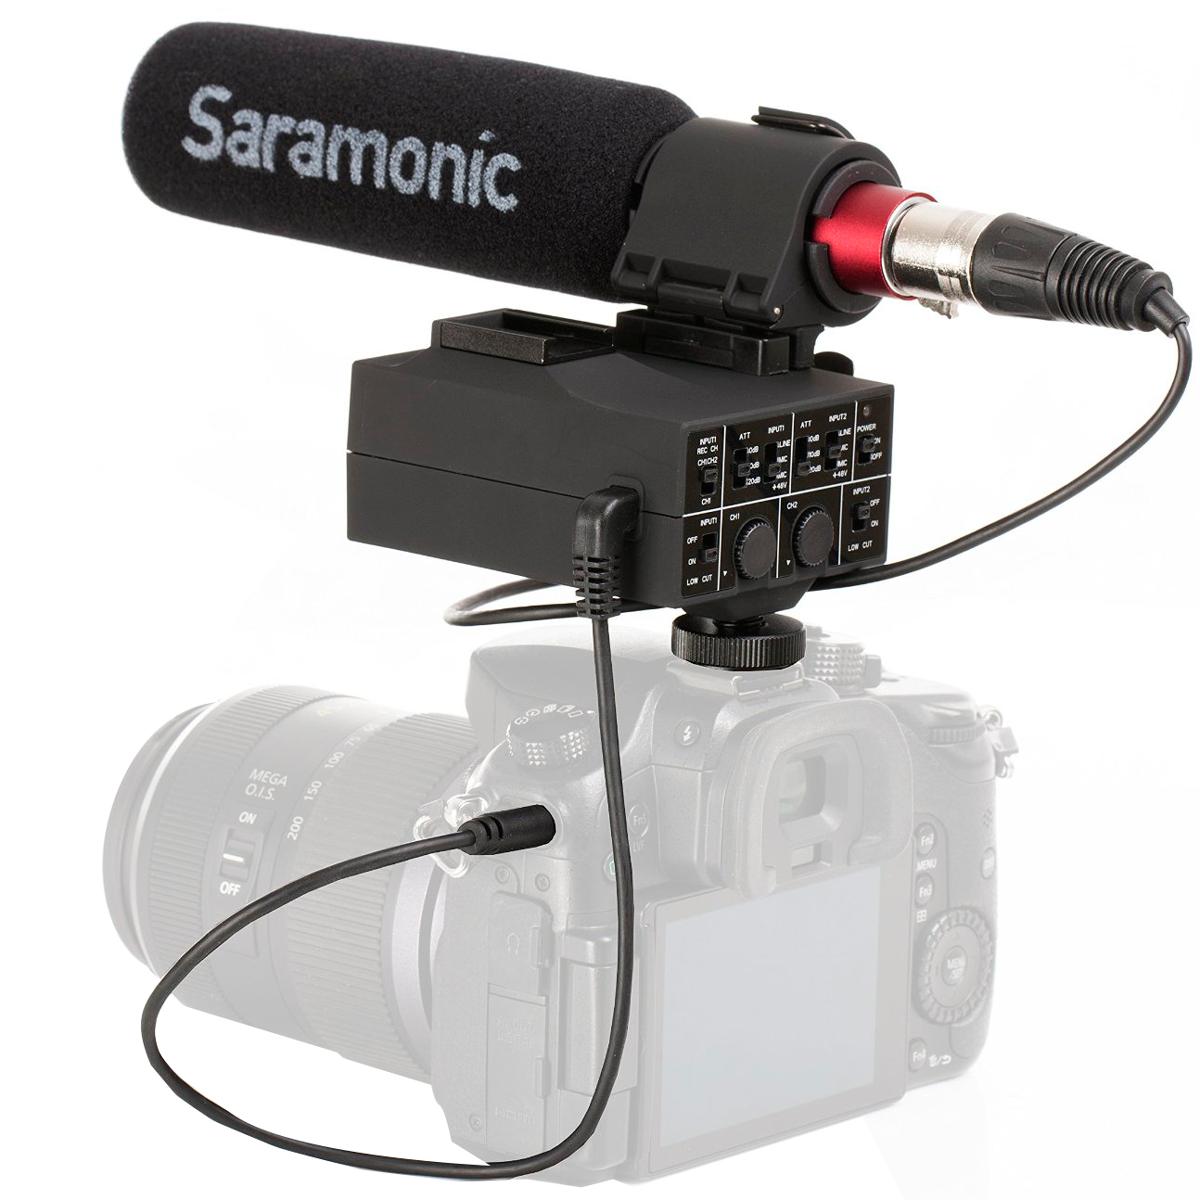 Billede af Saramonic MixMic kamera-mixerogmikrofon